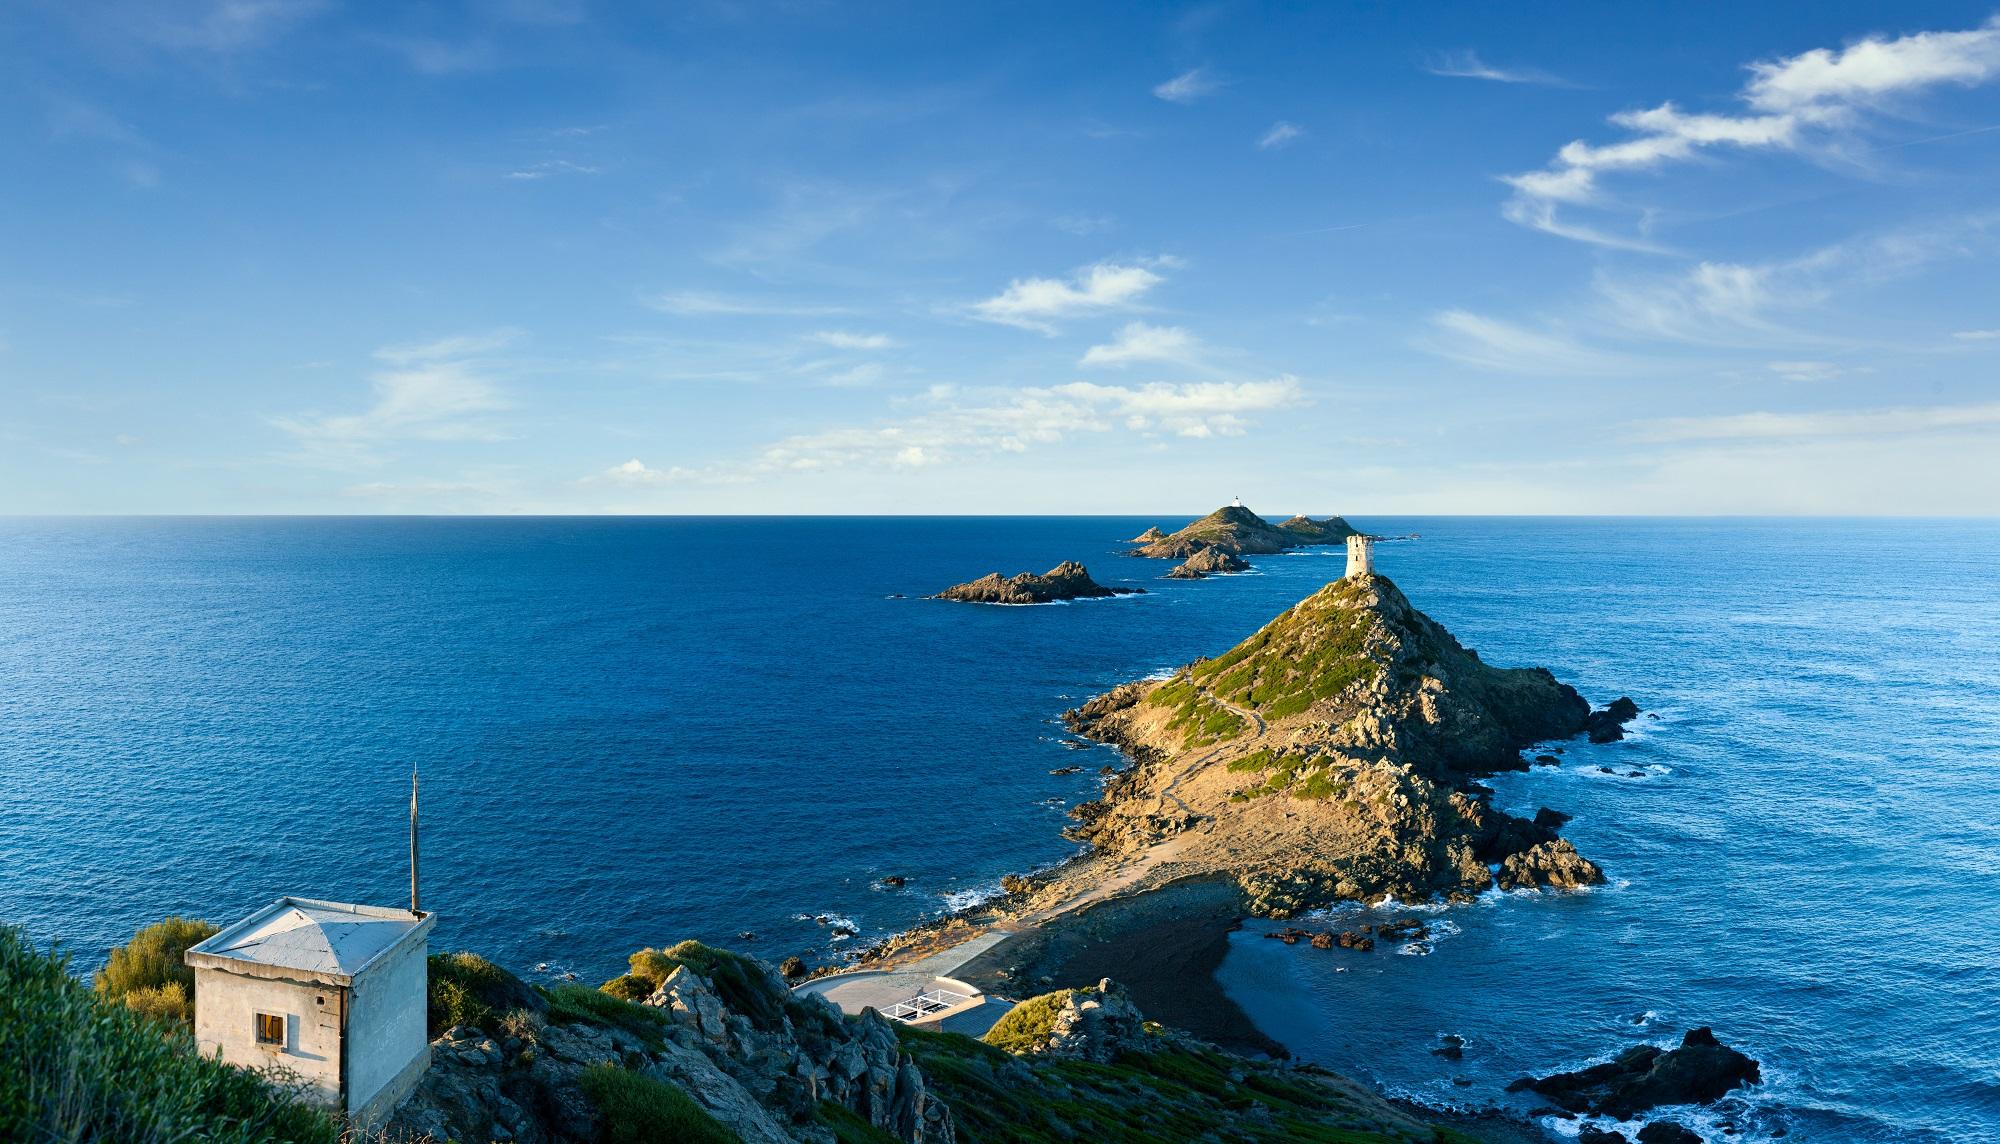 îles Sanguinaires, Corse